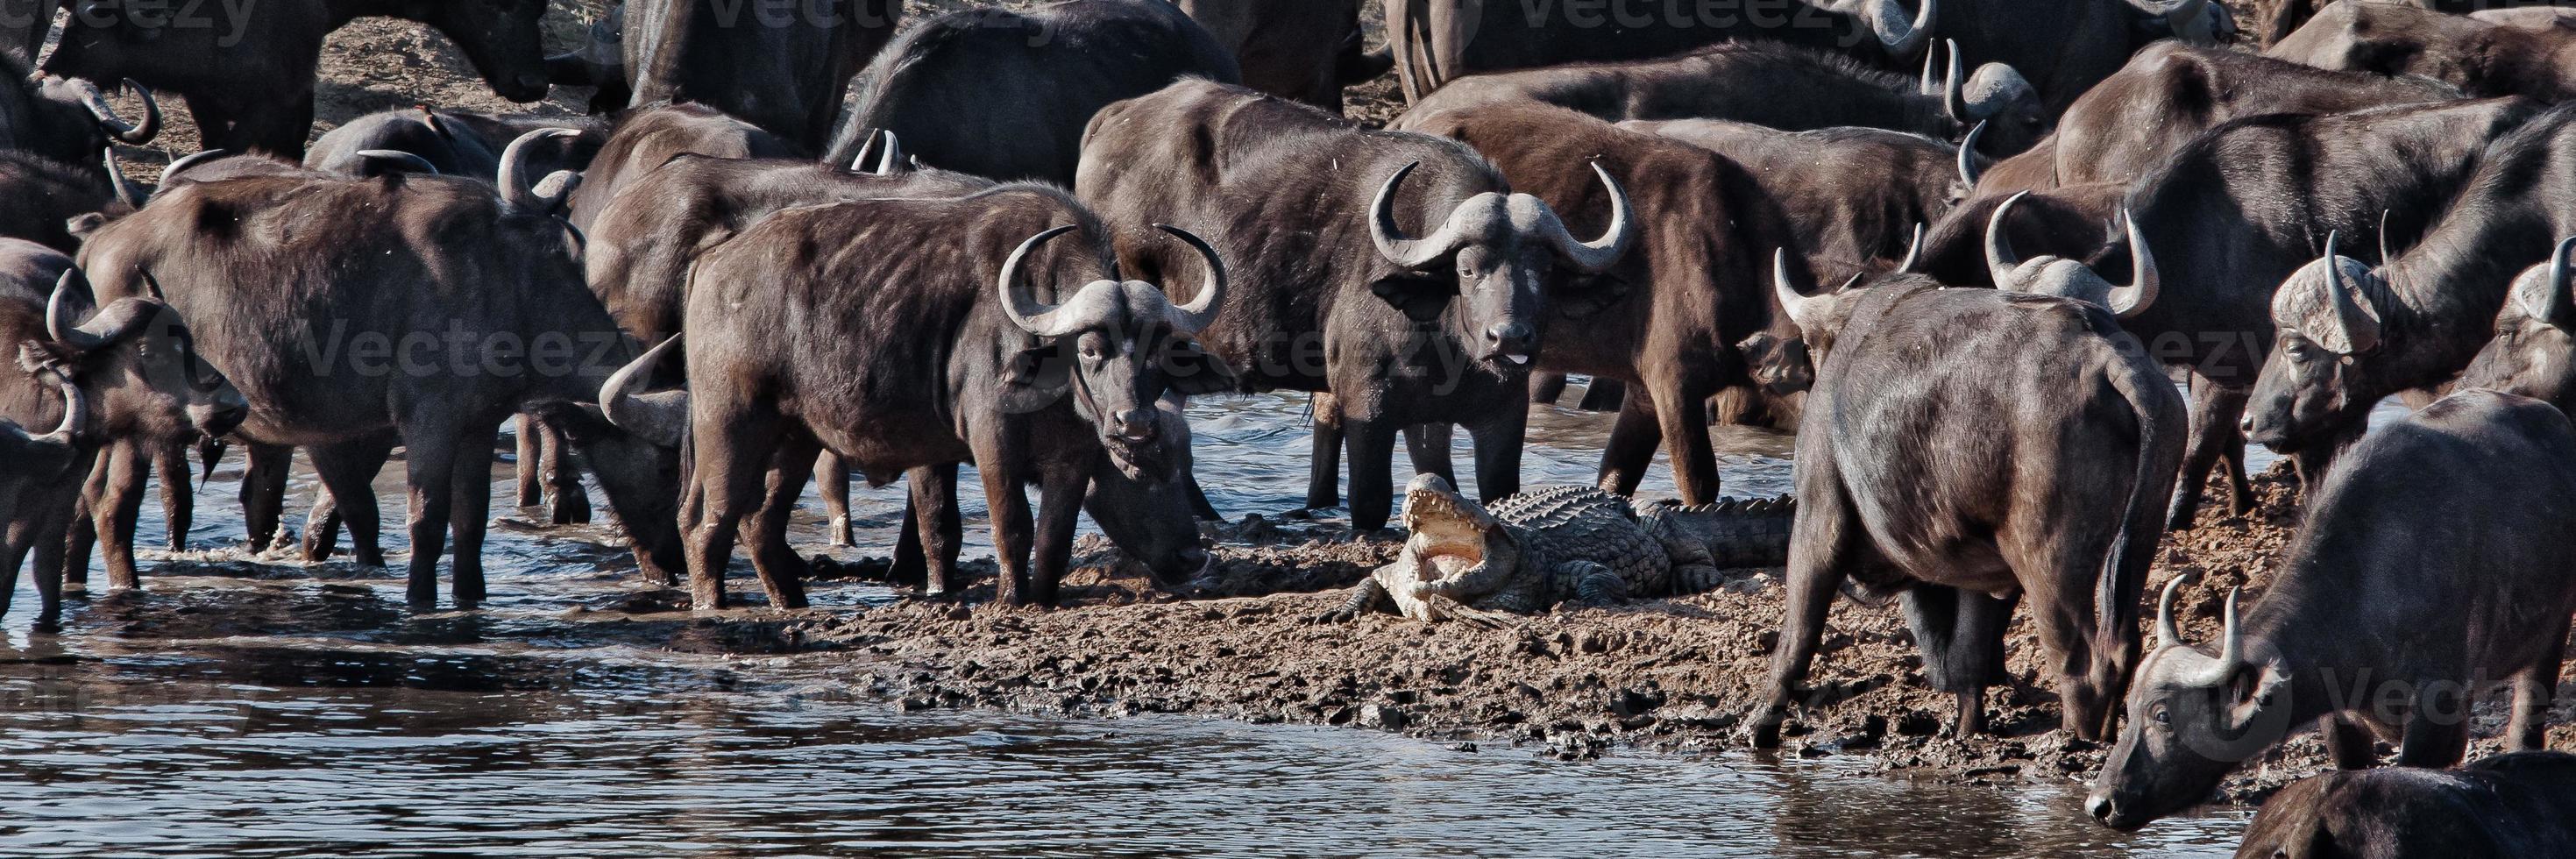 Büffel gegen Krokodil foto